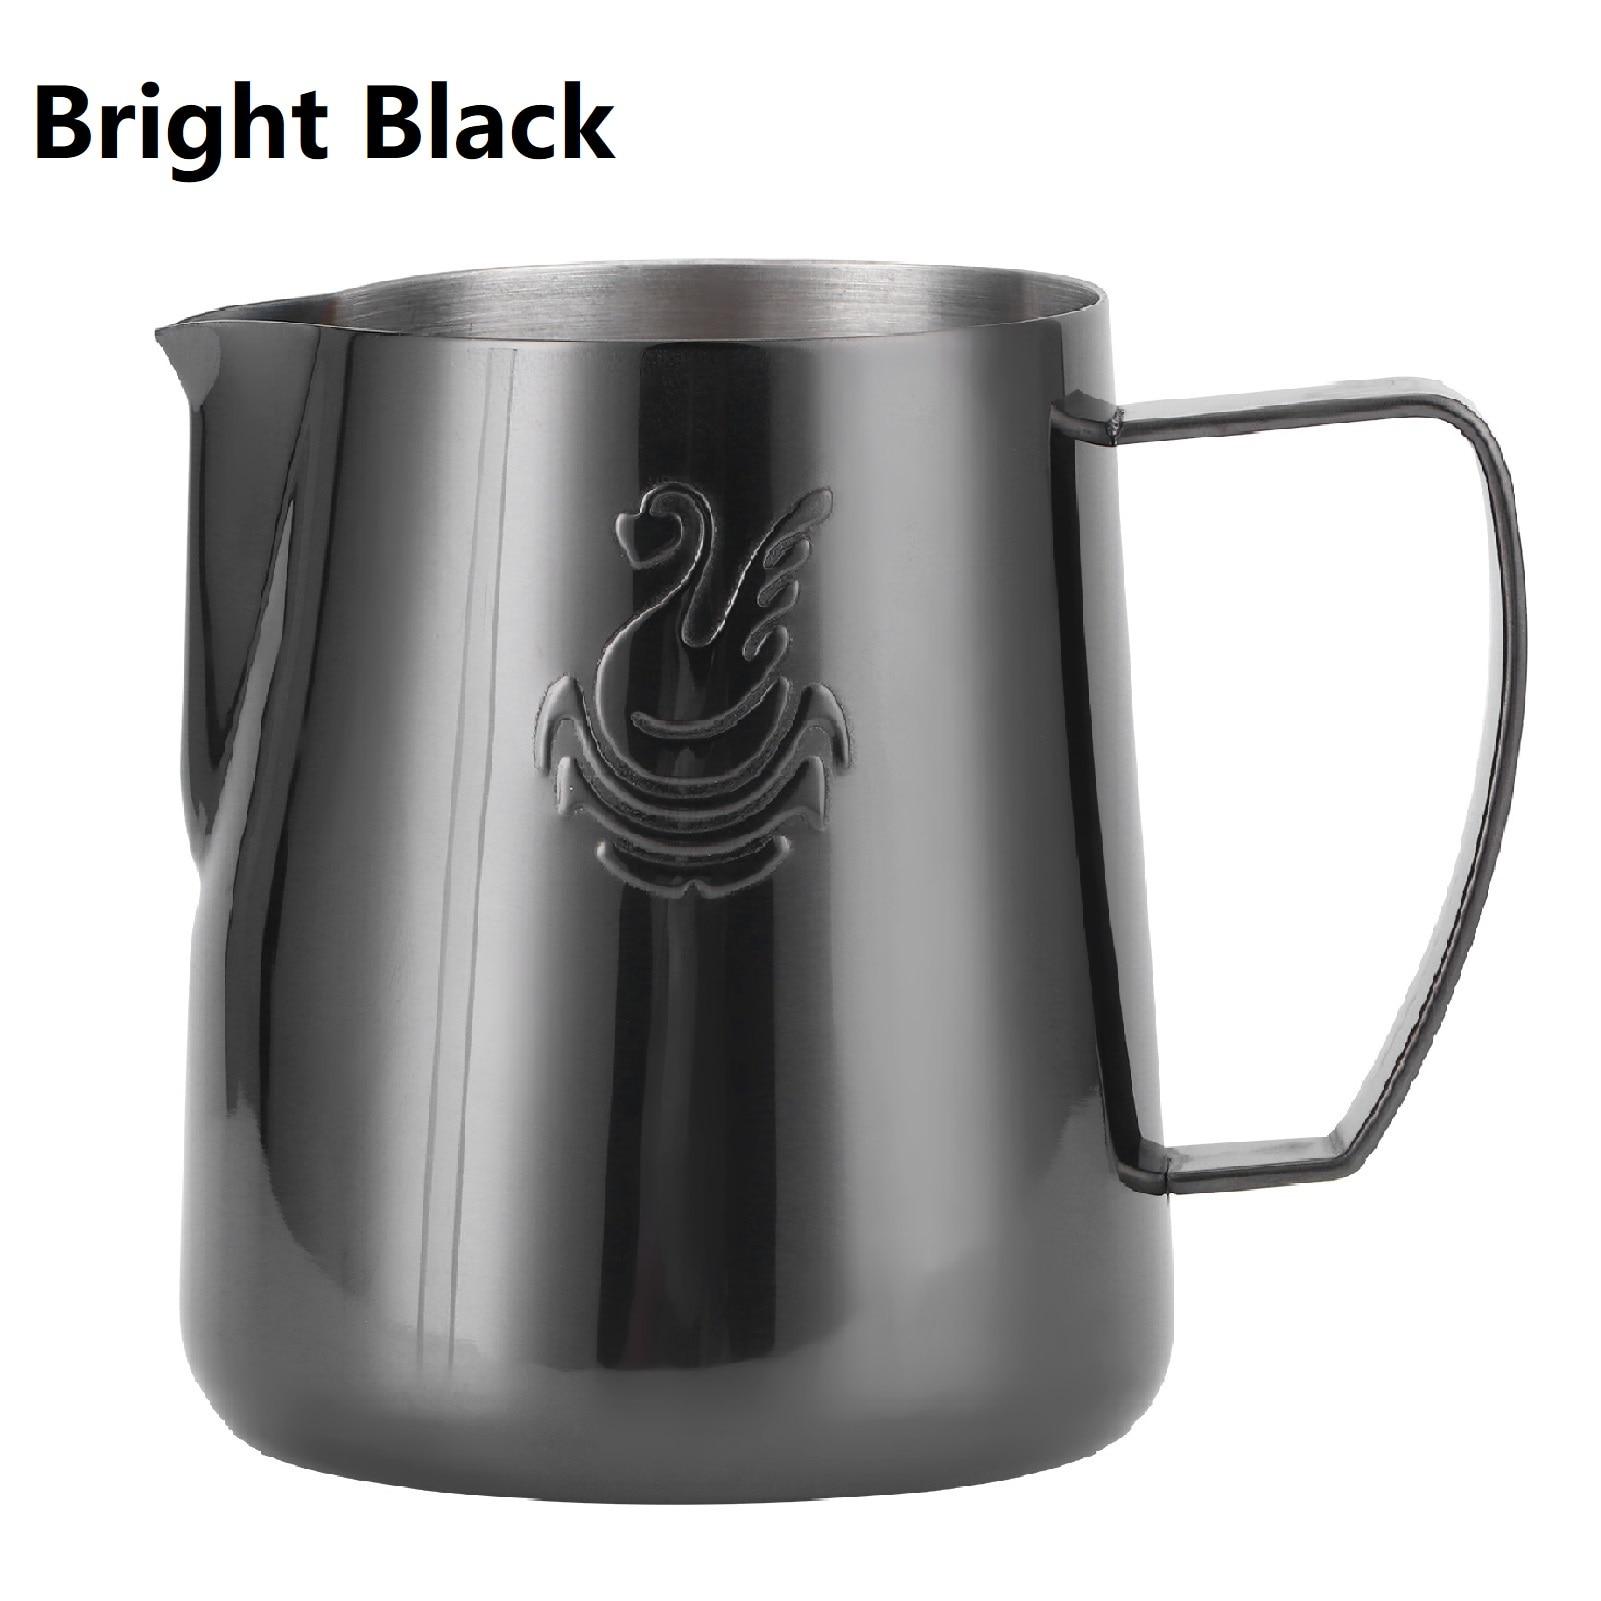 400 мл/600 мл черная кружка для вспенивания молока, украшенное лебедем для Нержавеющаясталь Кофе Кубок пенообразователь кружка кофе латте ис...